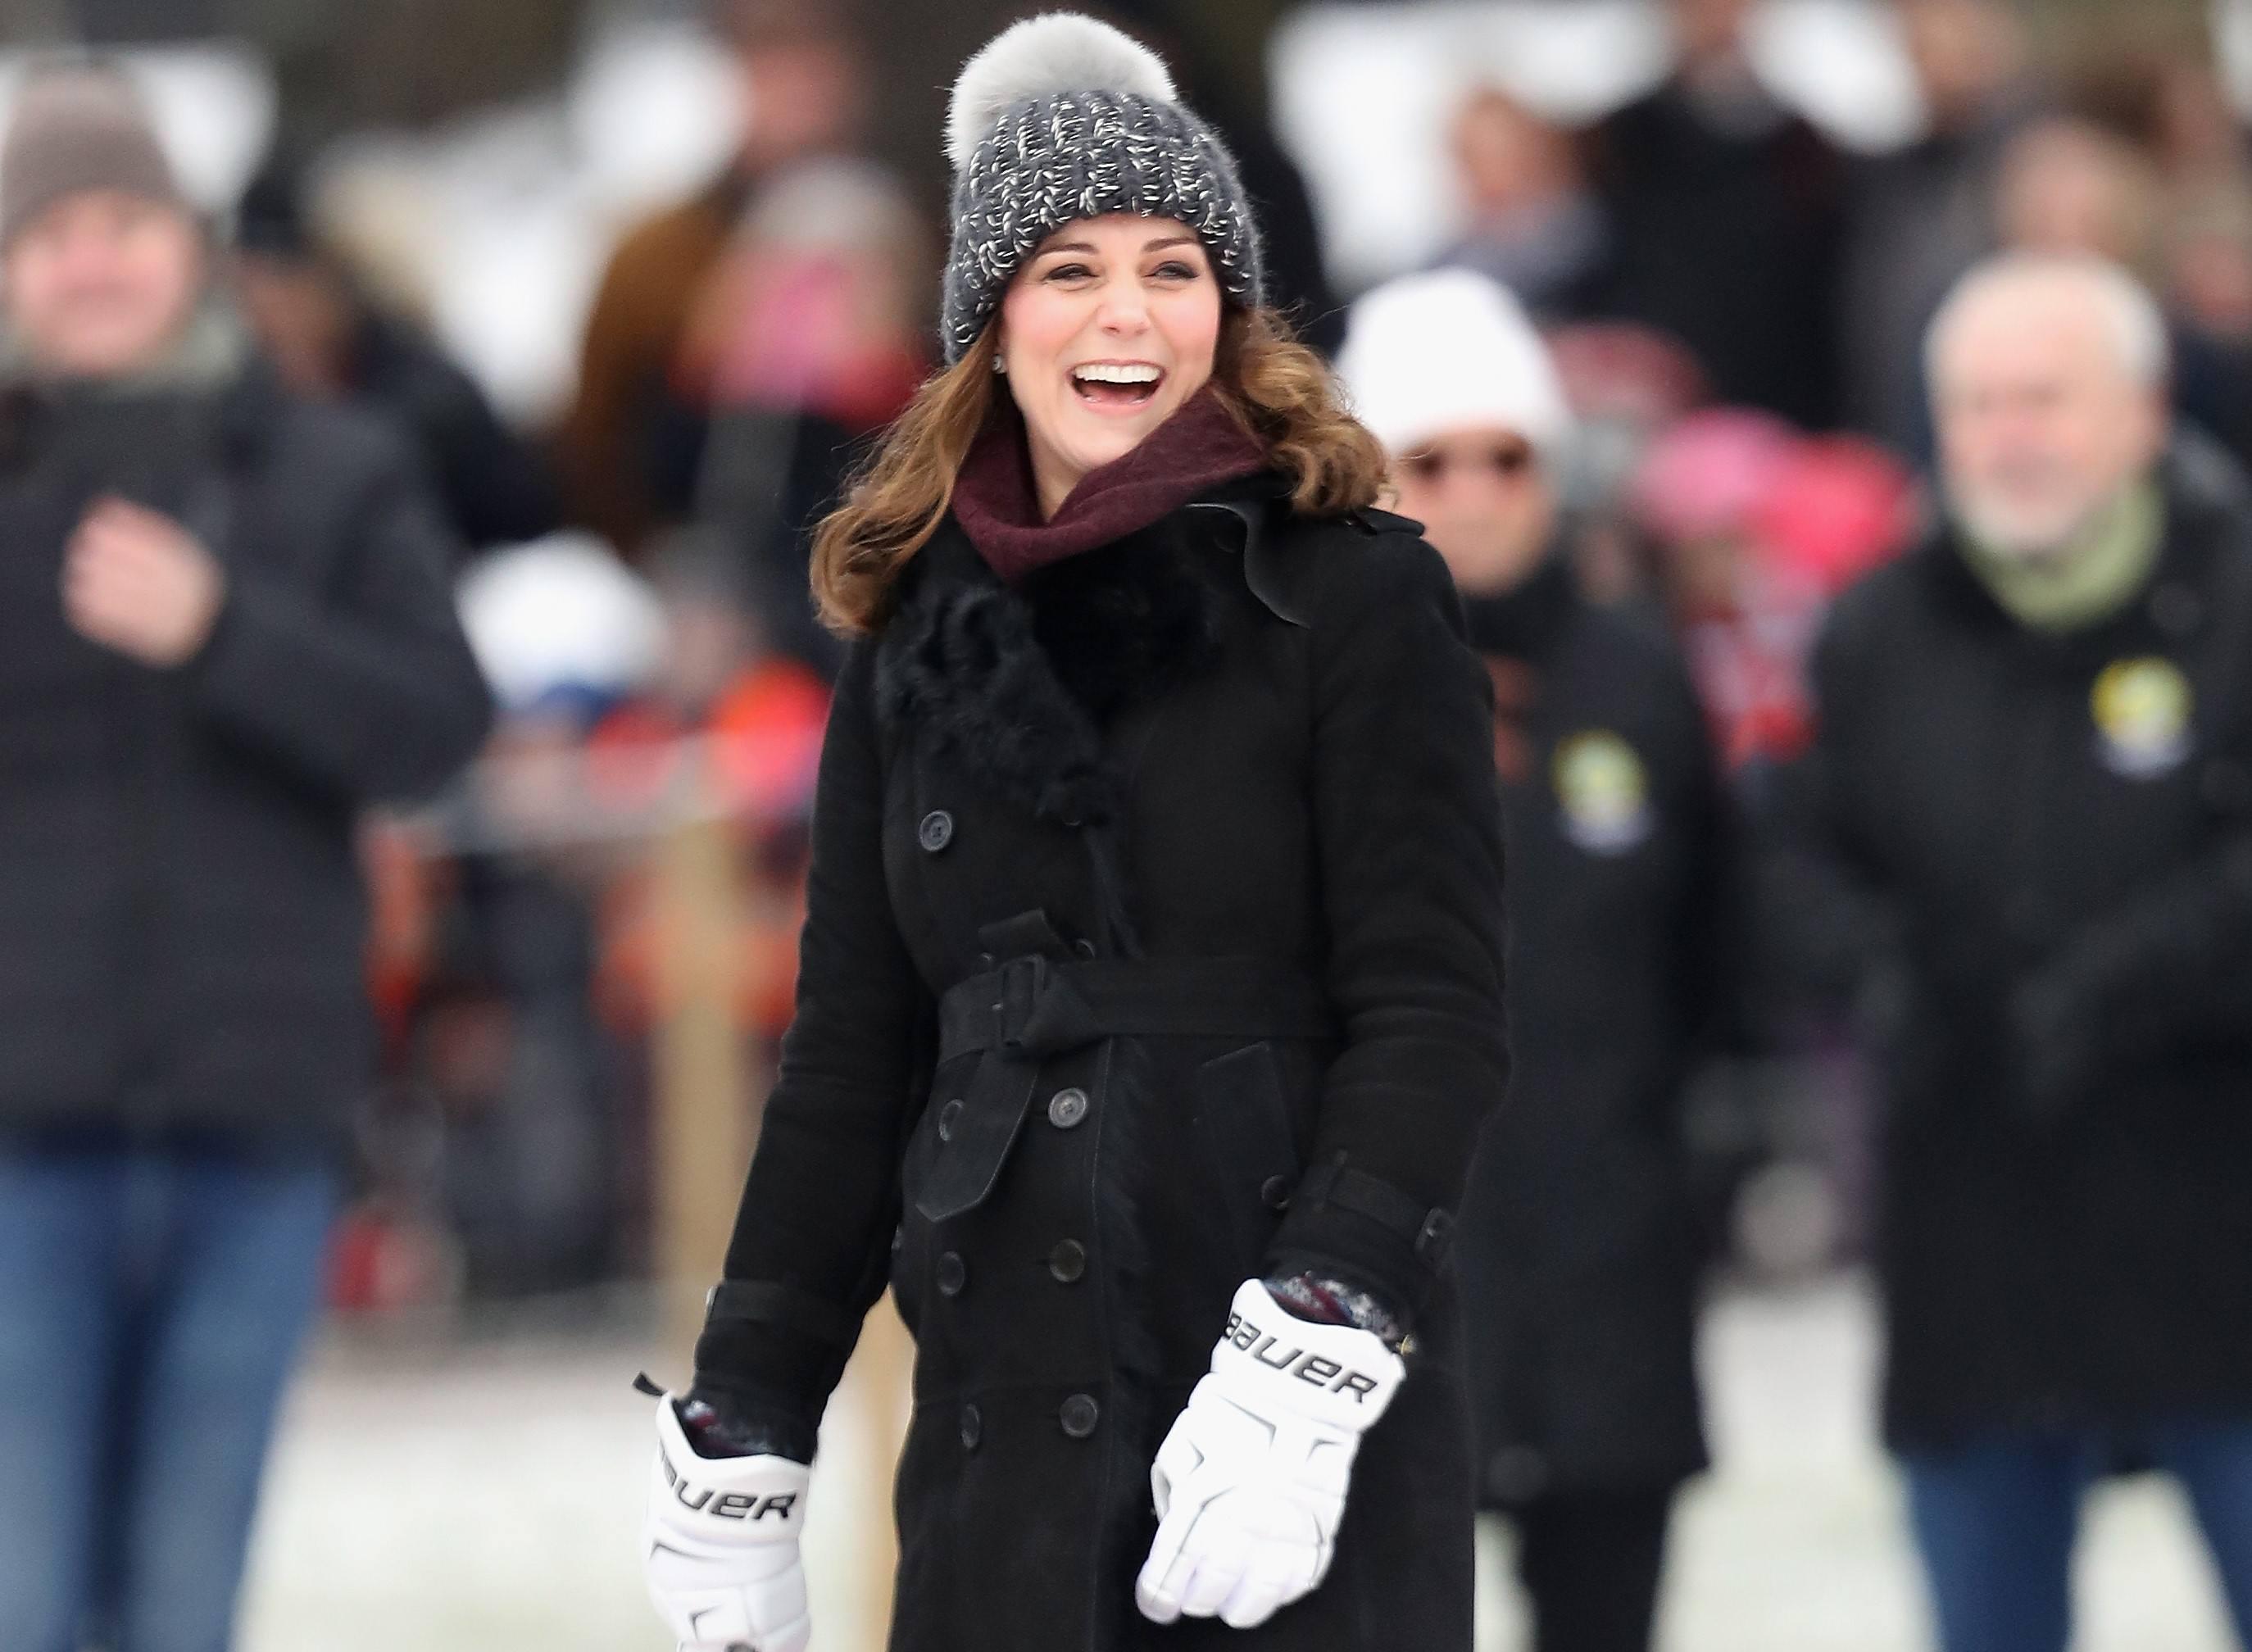 Kate Middleton in Sweden